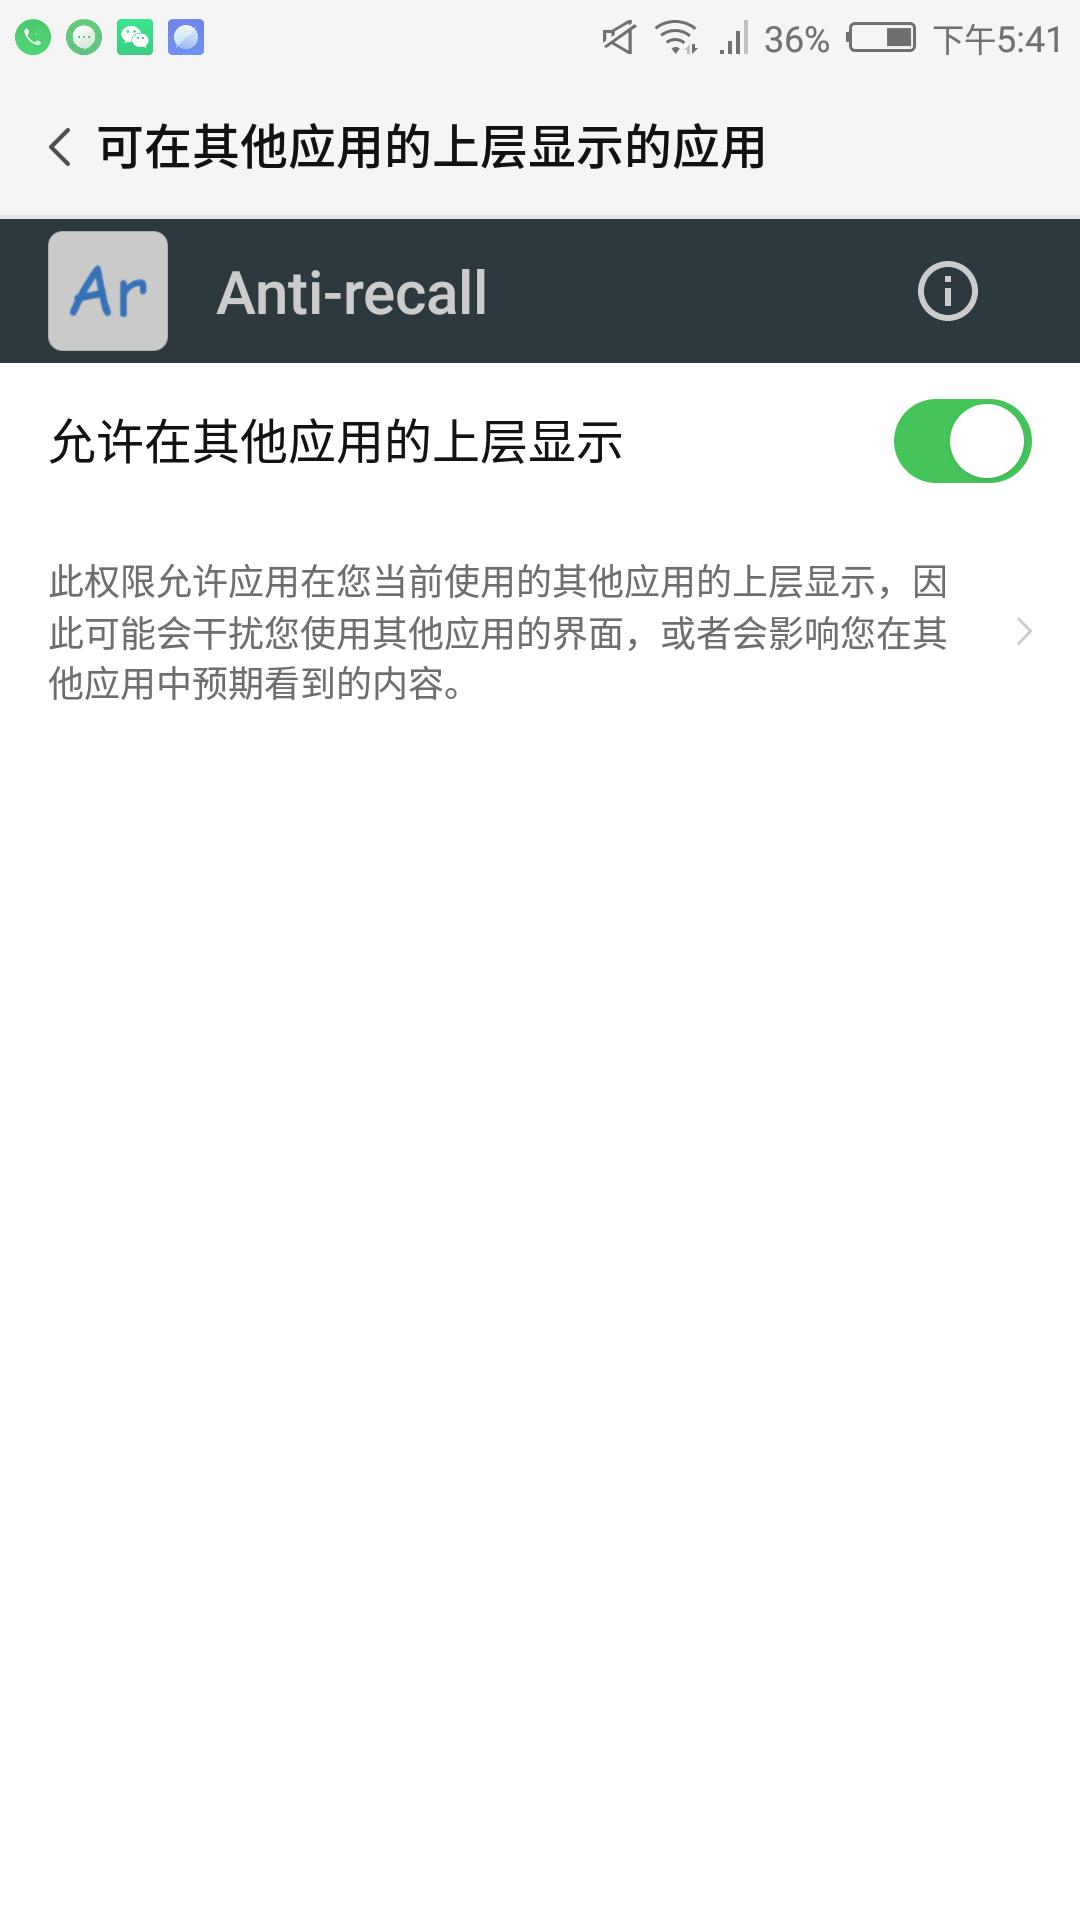 【分享】QQ微信防撤回神器 查看别人撤回的消息-爱小助